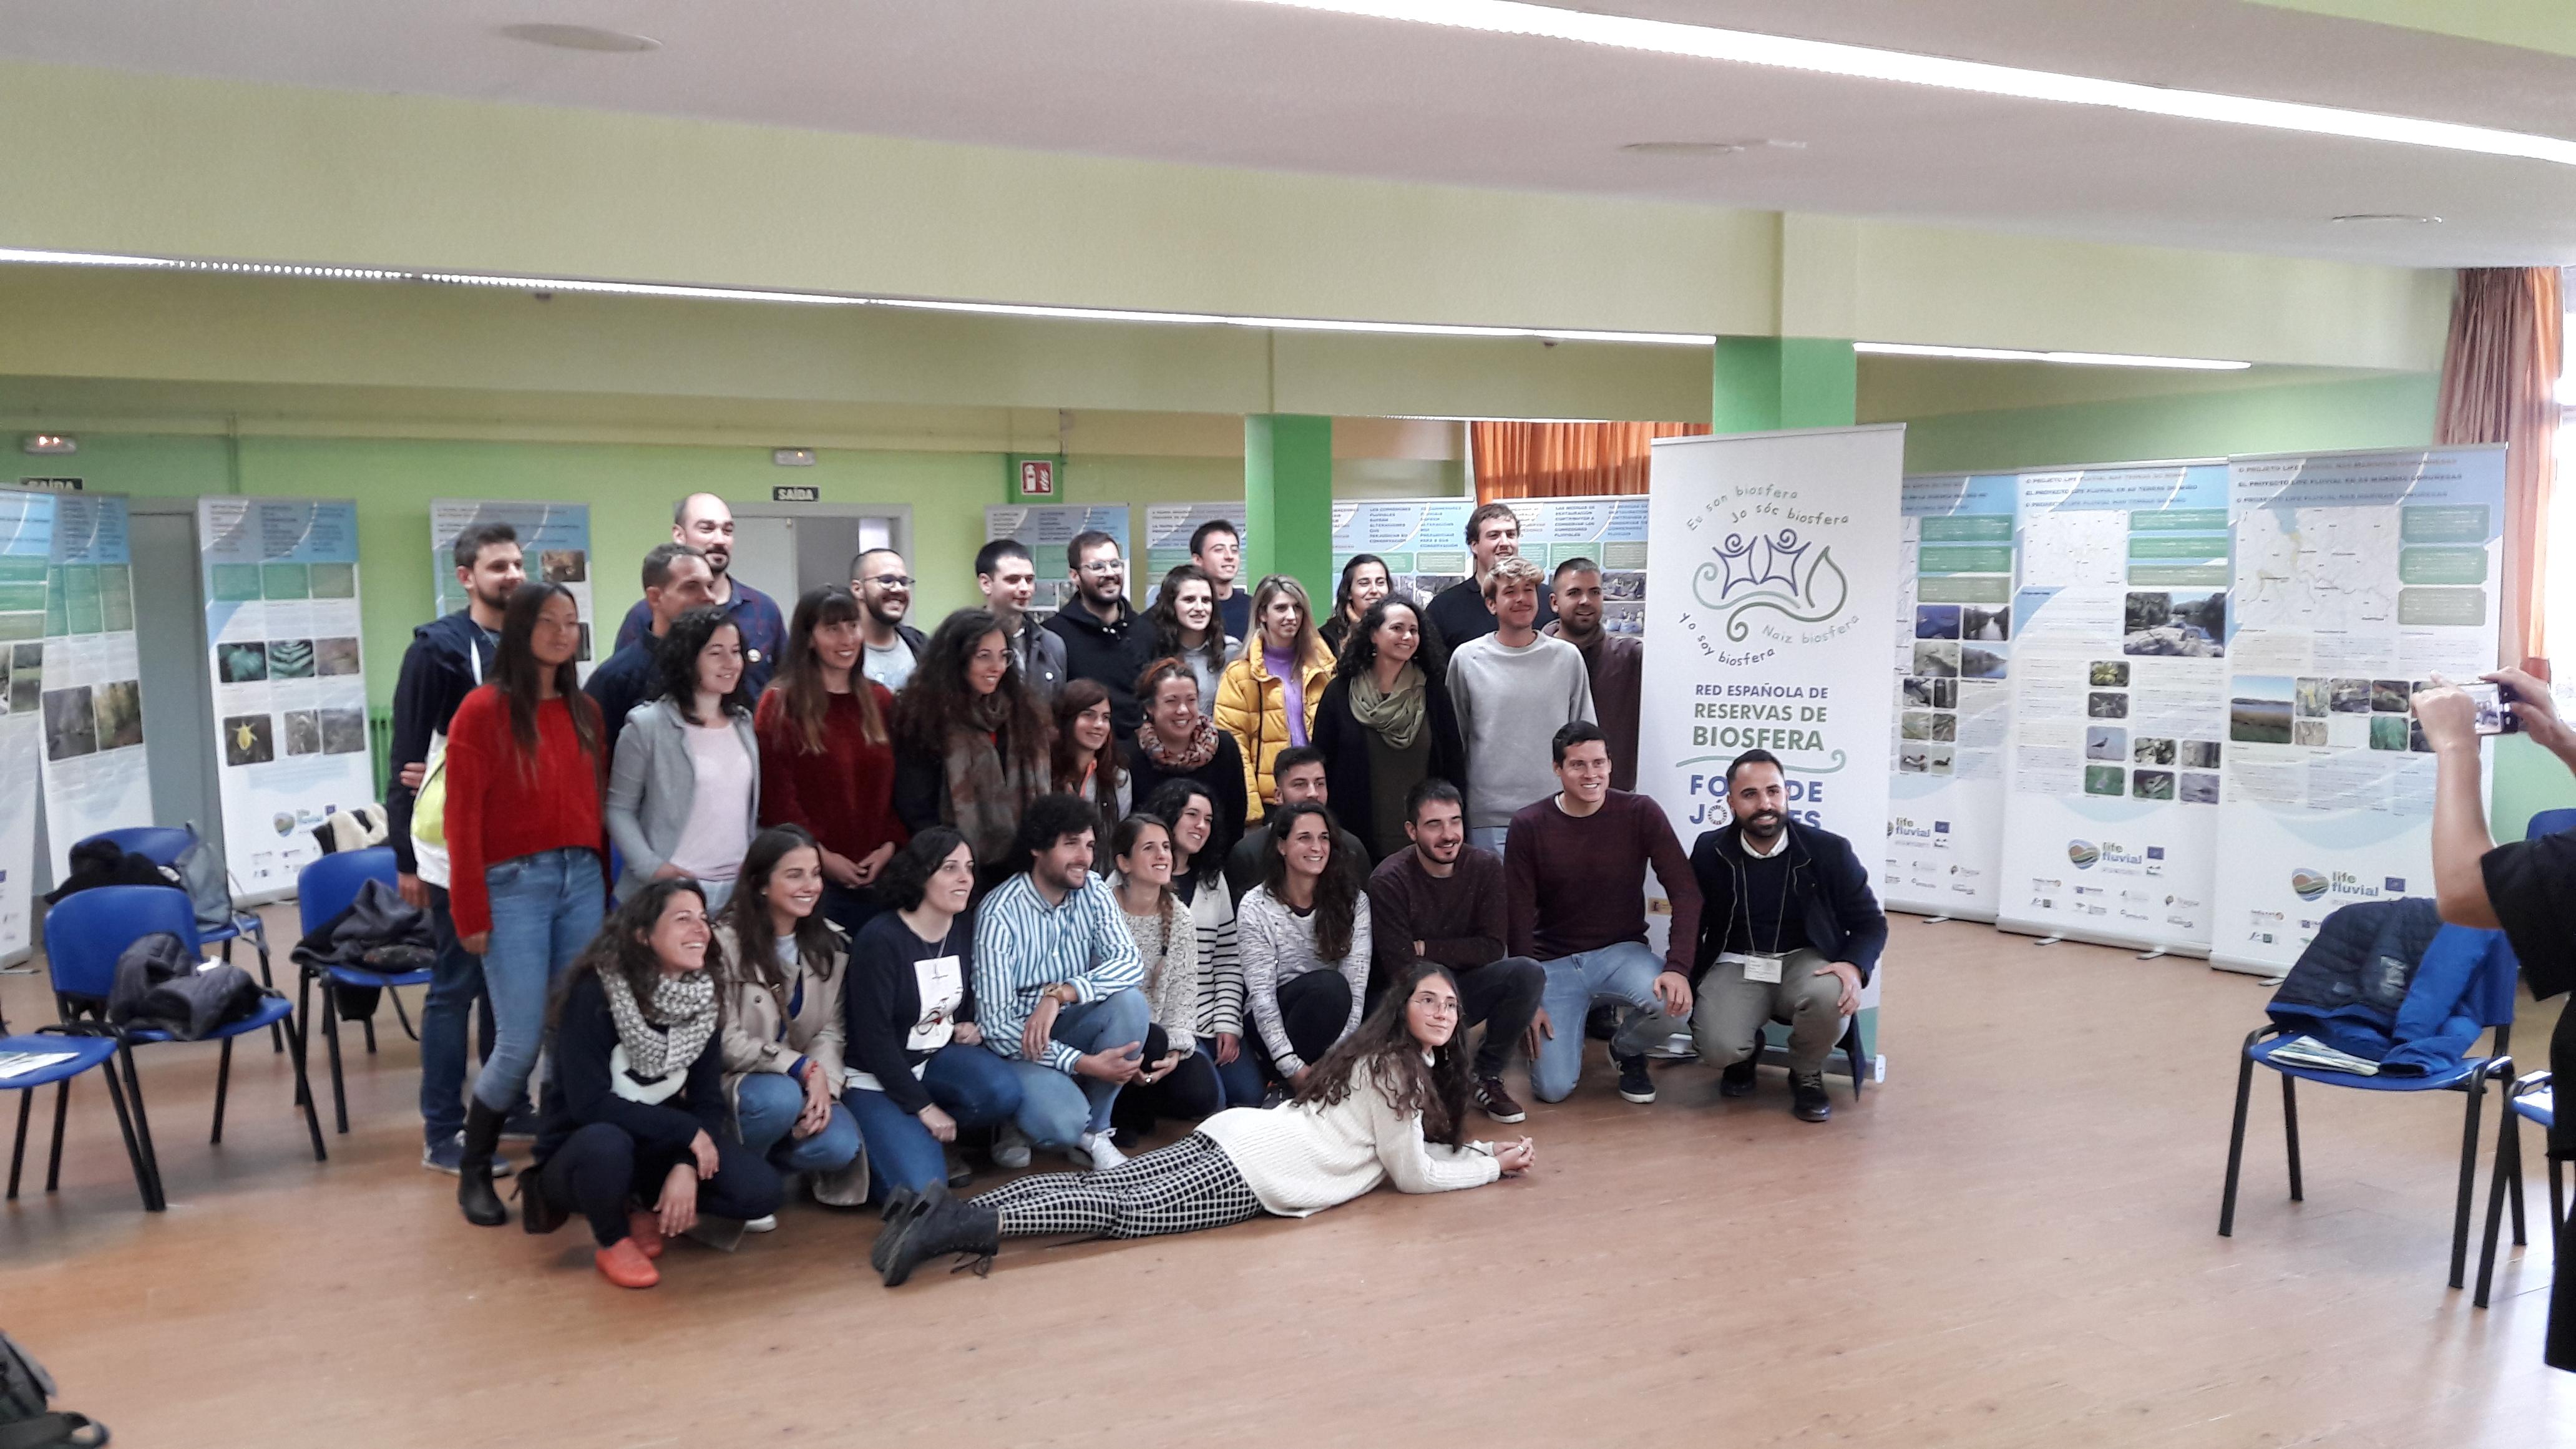 Presentación de la exposición itinerante LIFE Fluvial en el Foro MaB de Jóvenes en la Red Española de Reservas de Biosfera